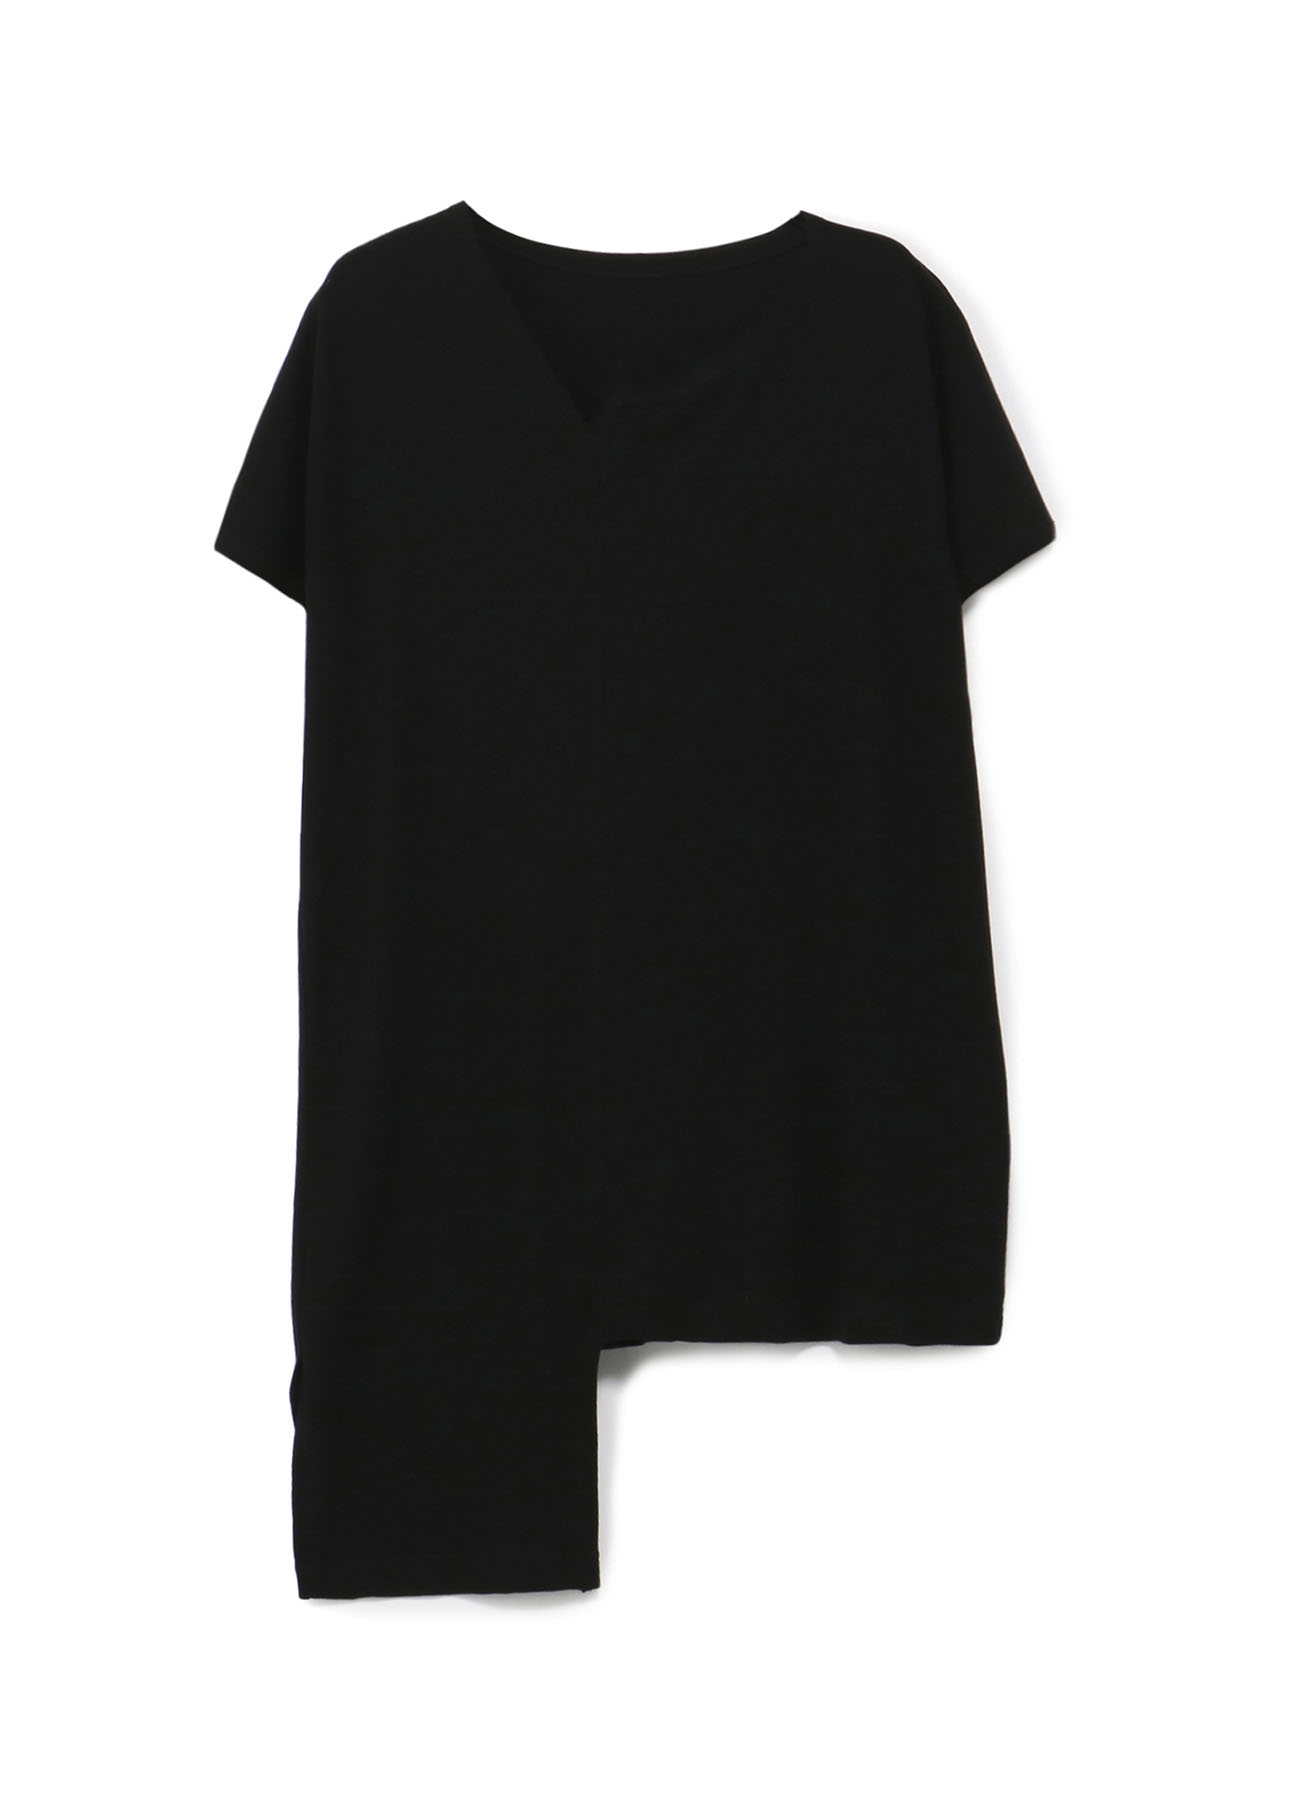 強撚ミラノリブ アシンメトリーフレンチスリーブTシャツ